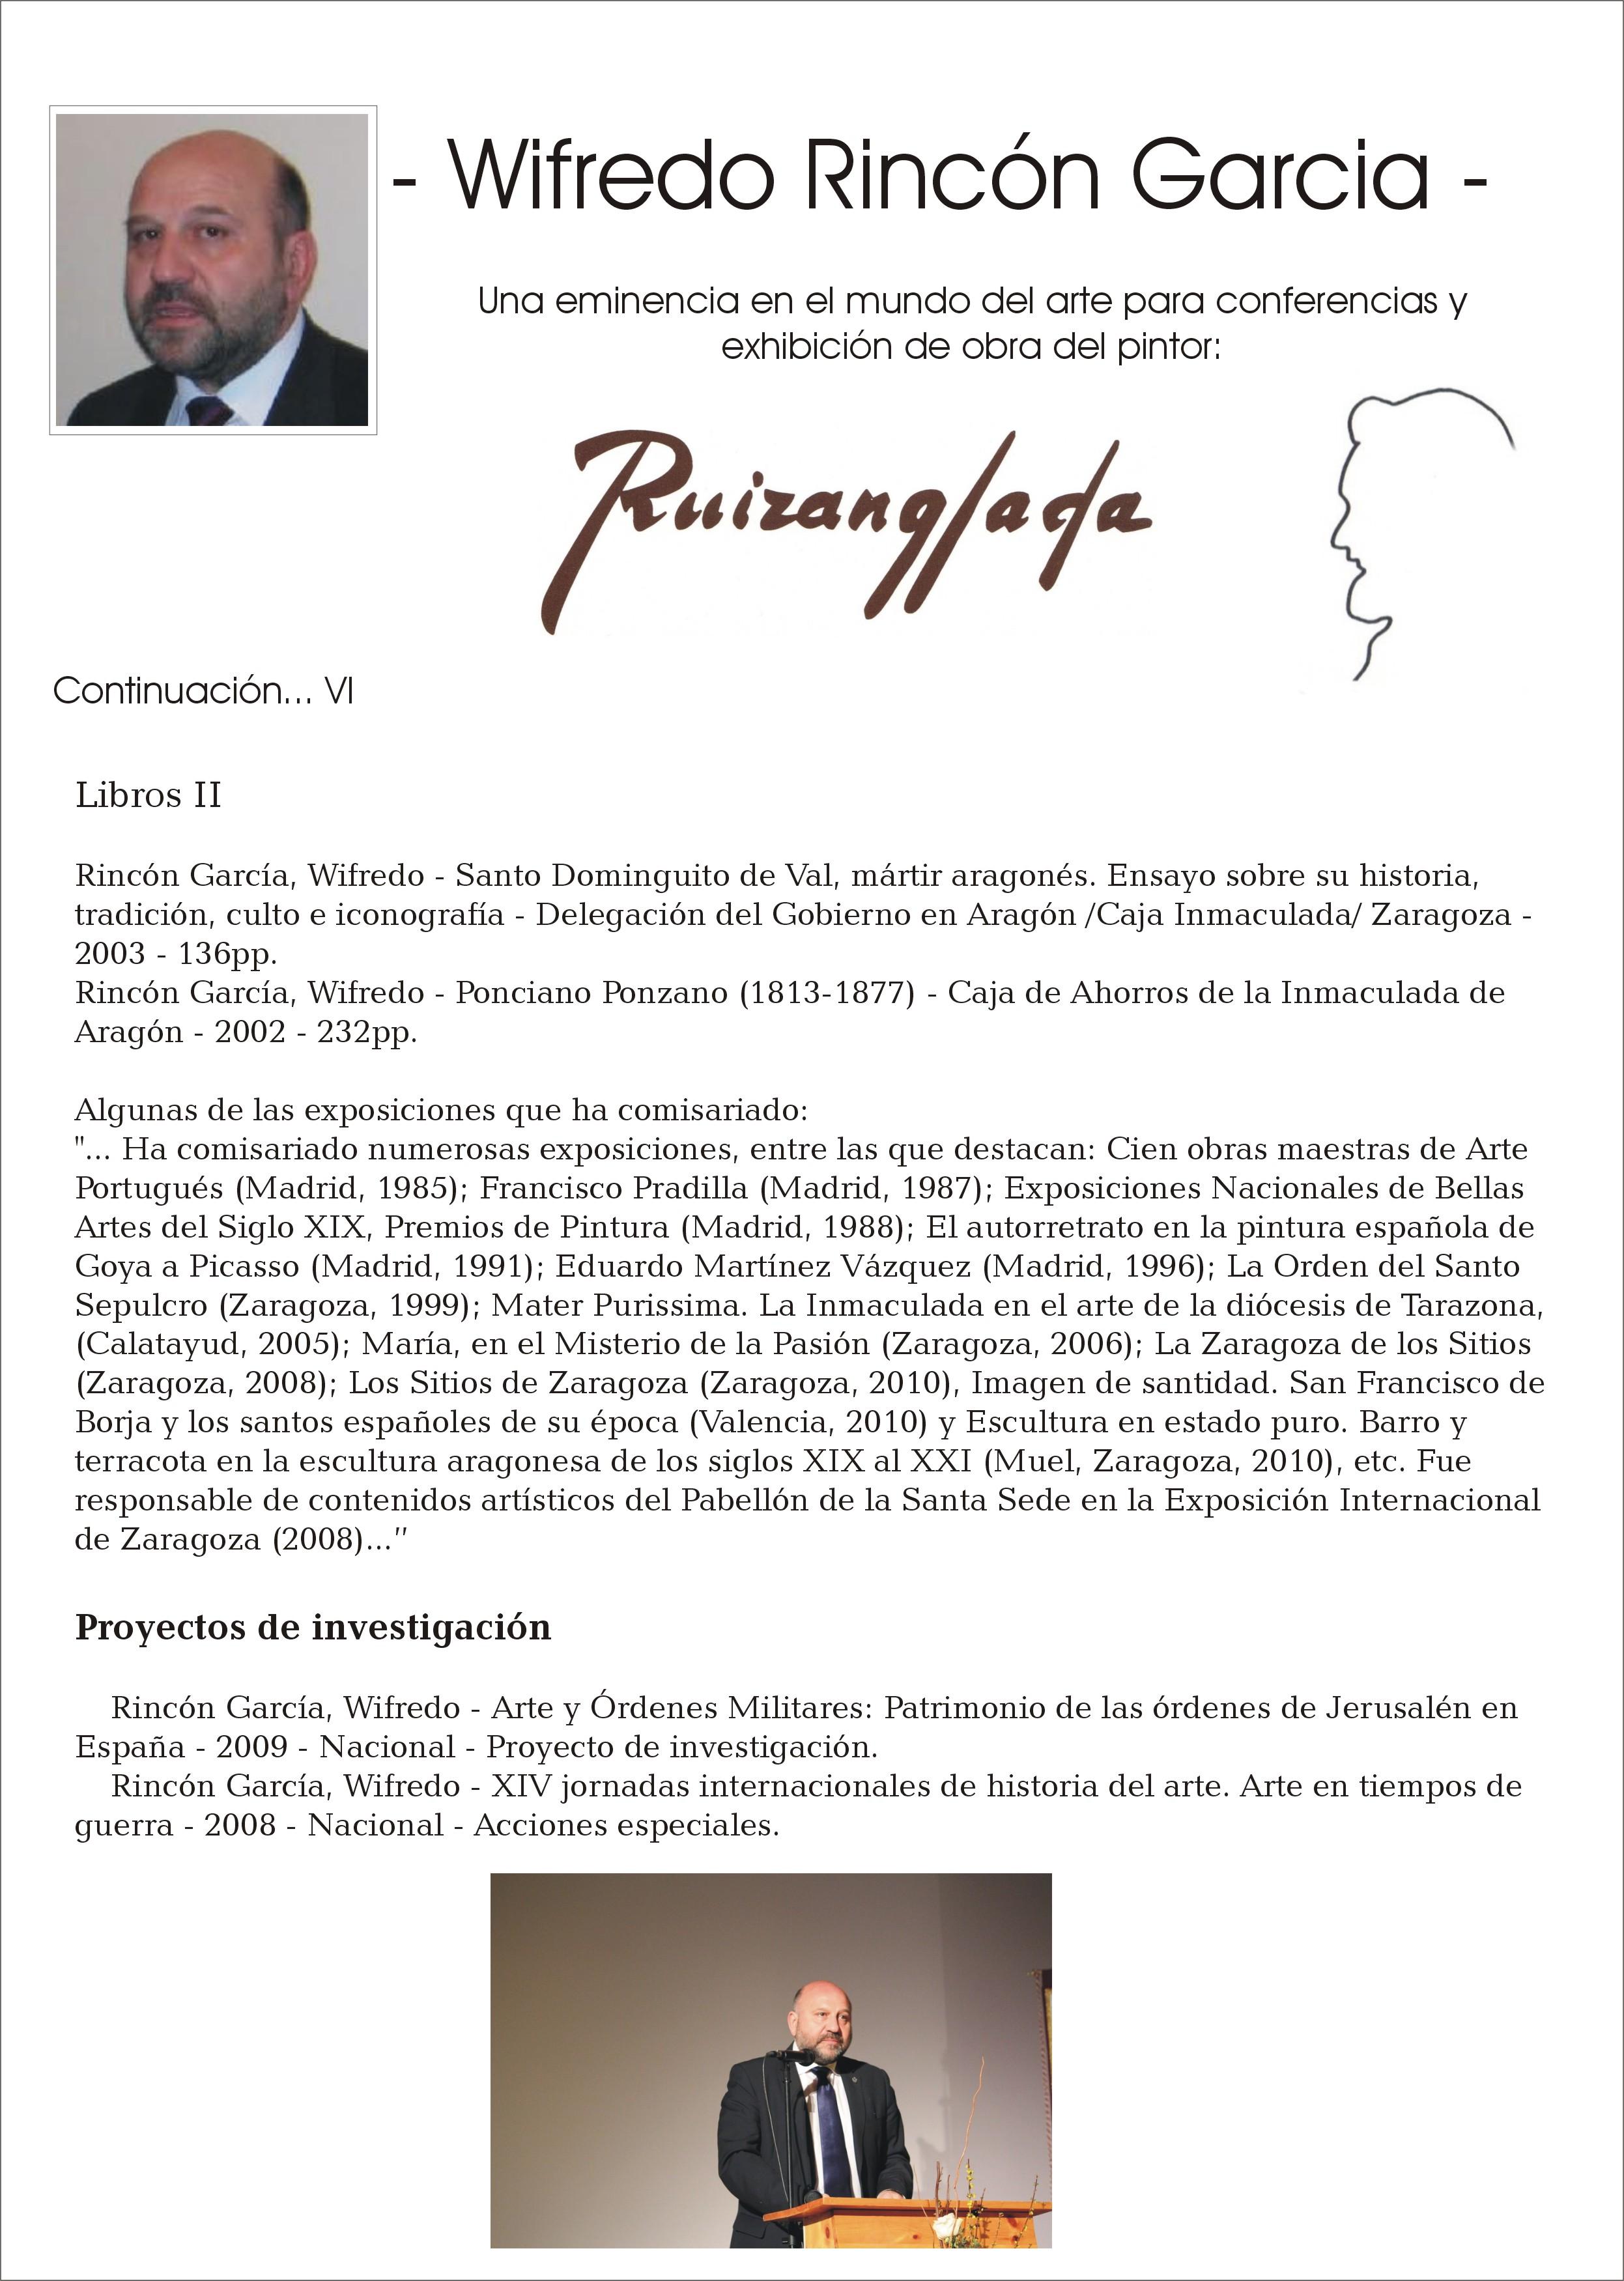 Ruizanglada Wifredo Rincon 007